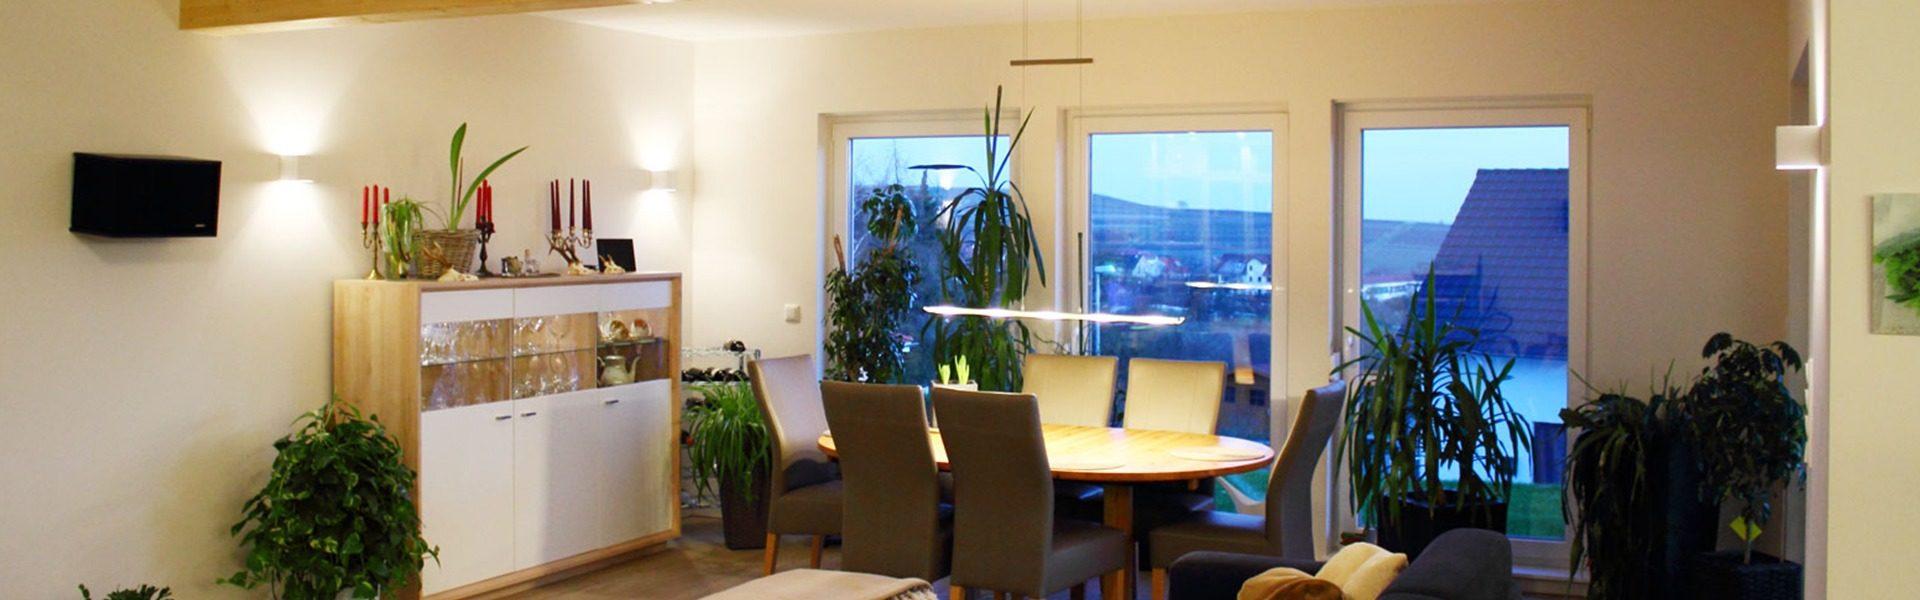 Lichtberatung Wohnzimmer